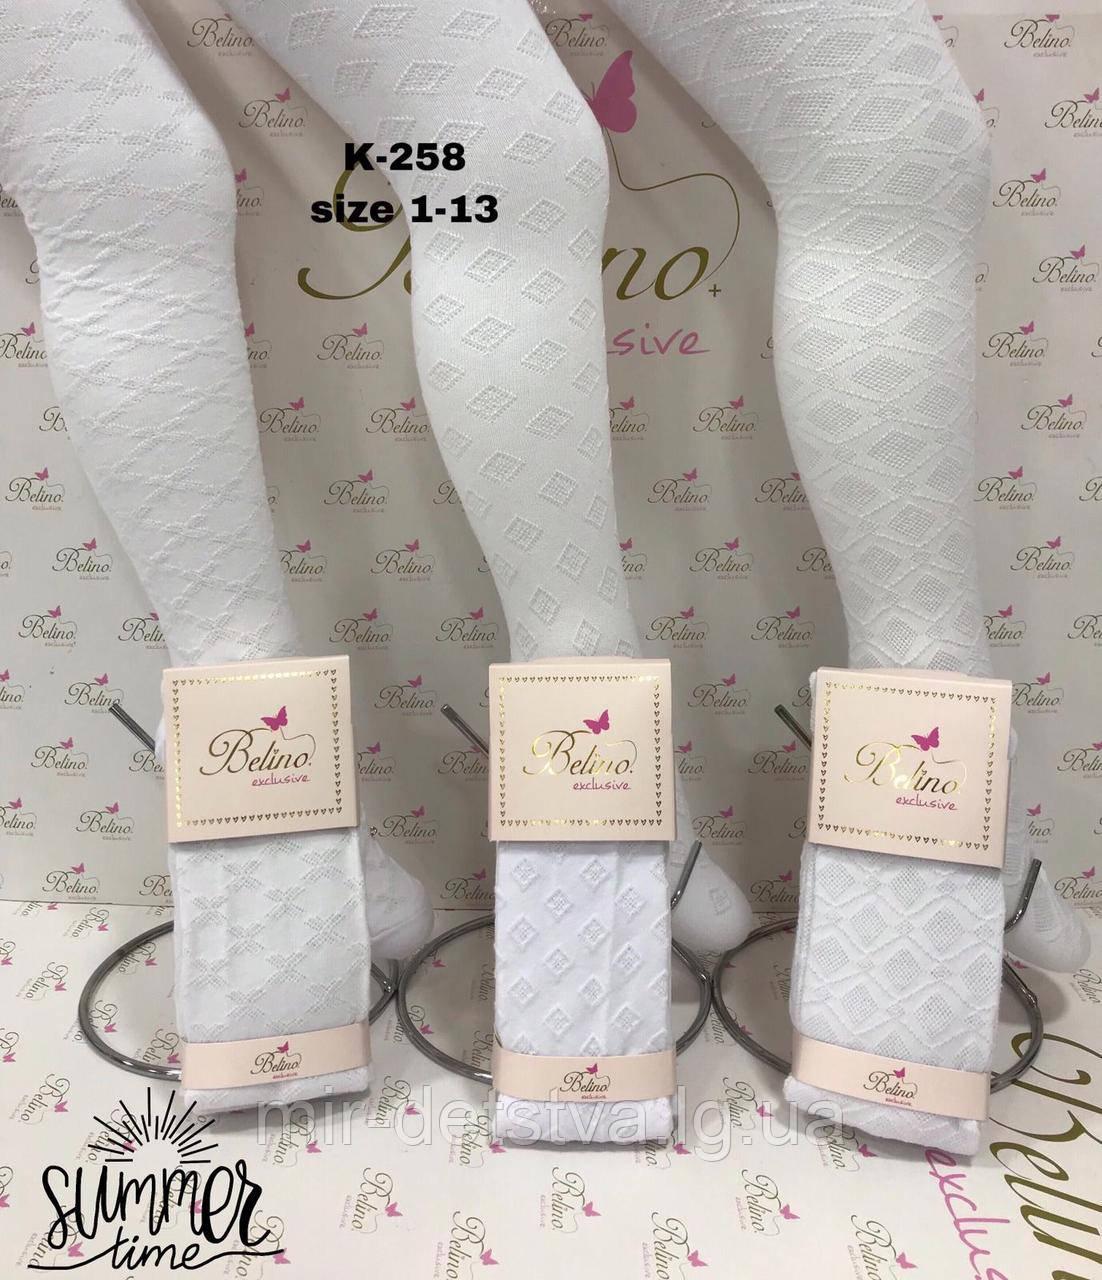 Ажурные белые колготки для девочек оптом, Турция ТМ Belino р.7-8 лет (122-128 см) ост.1 шт